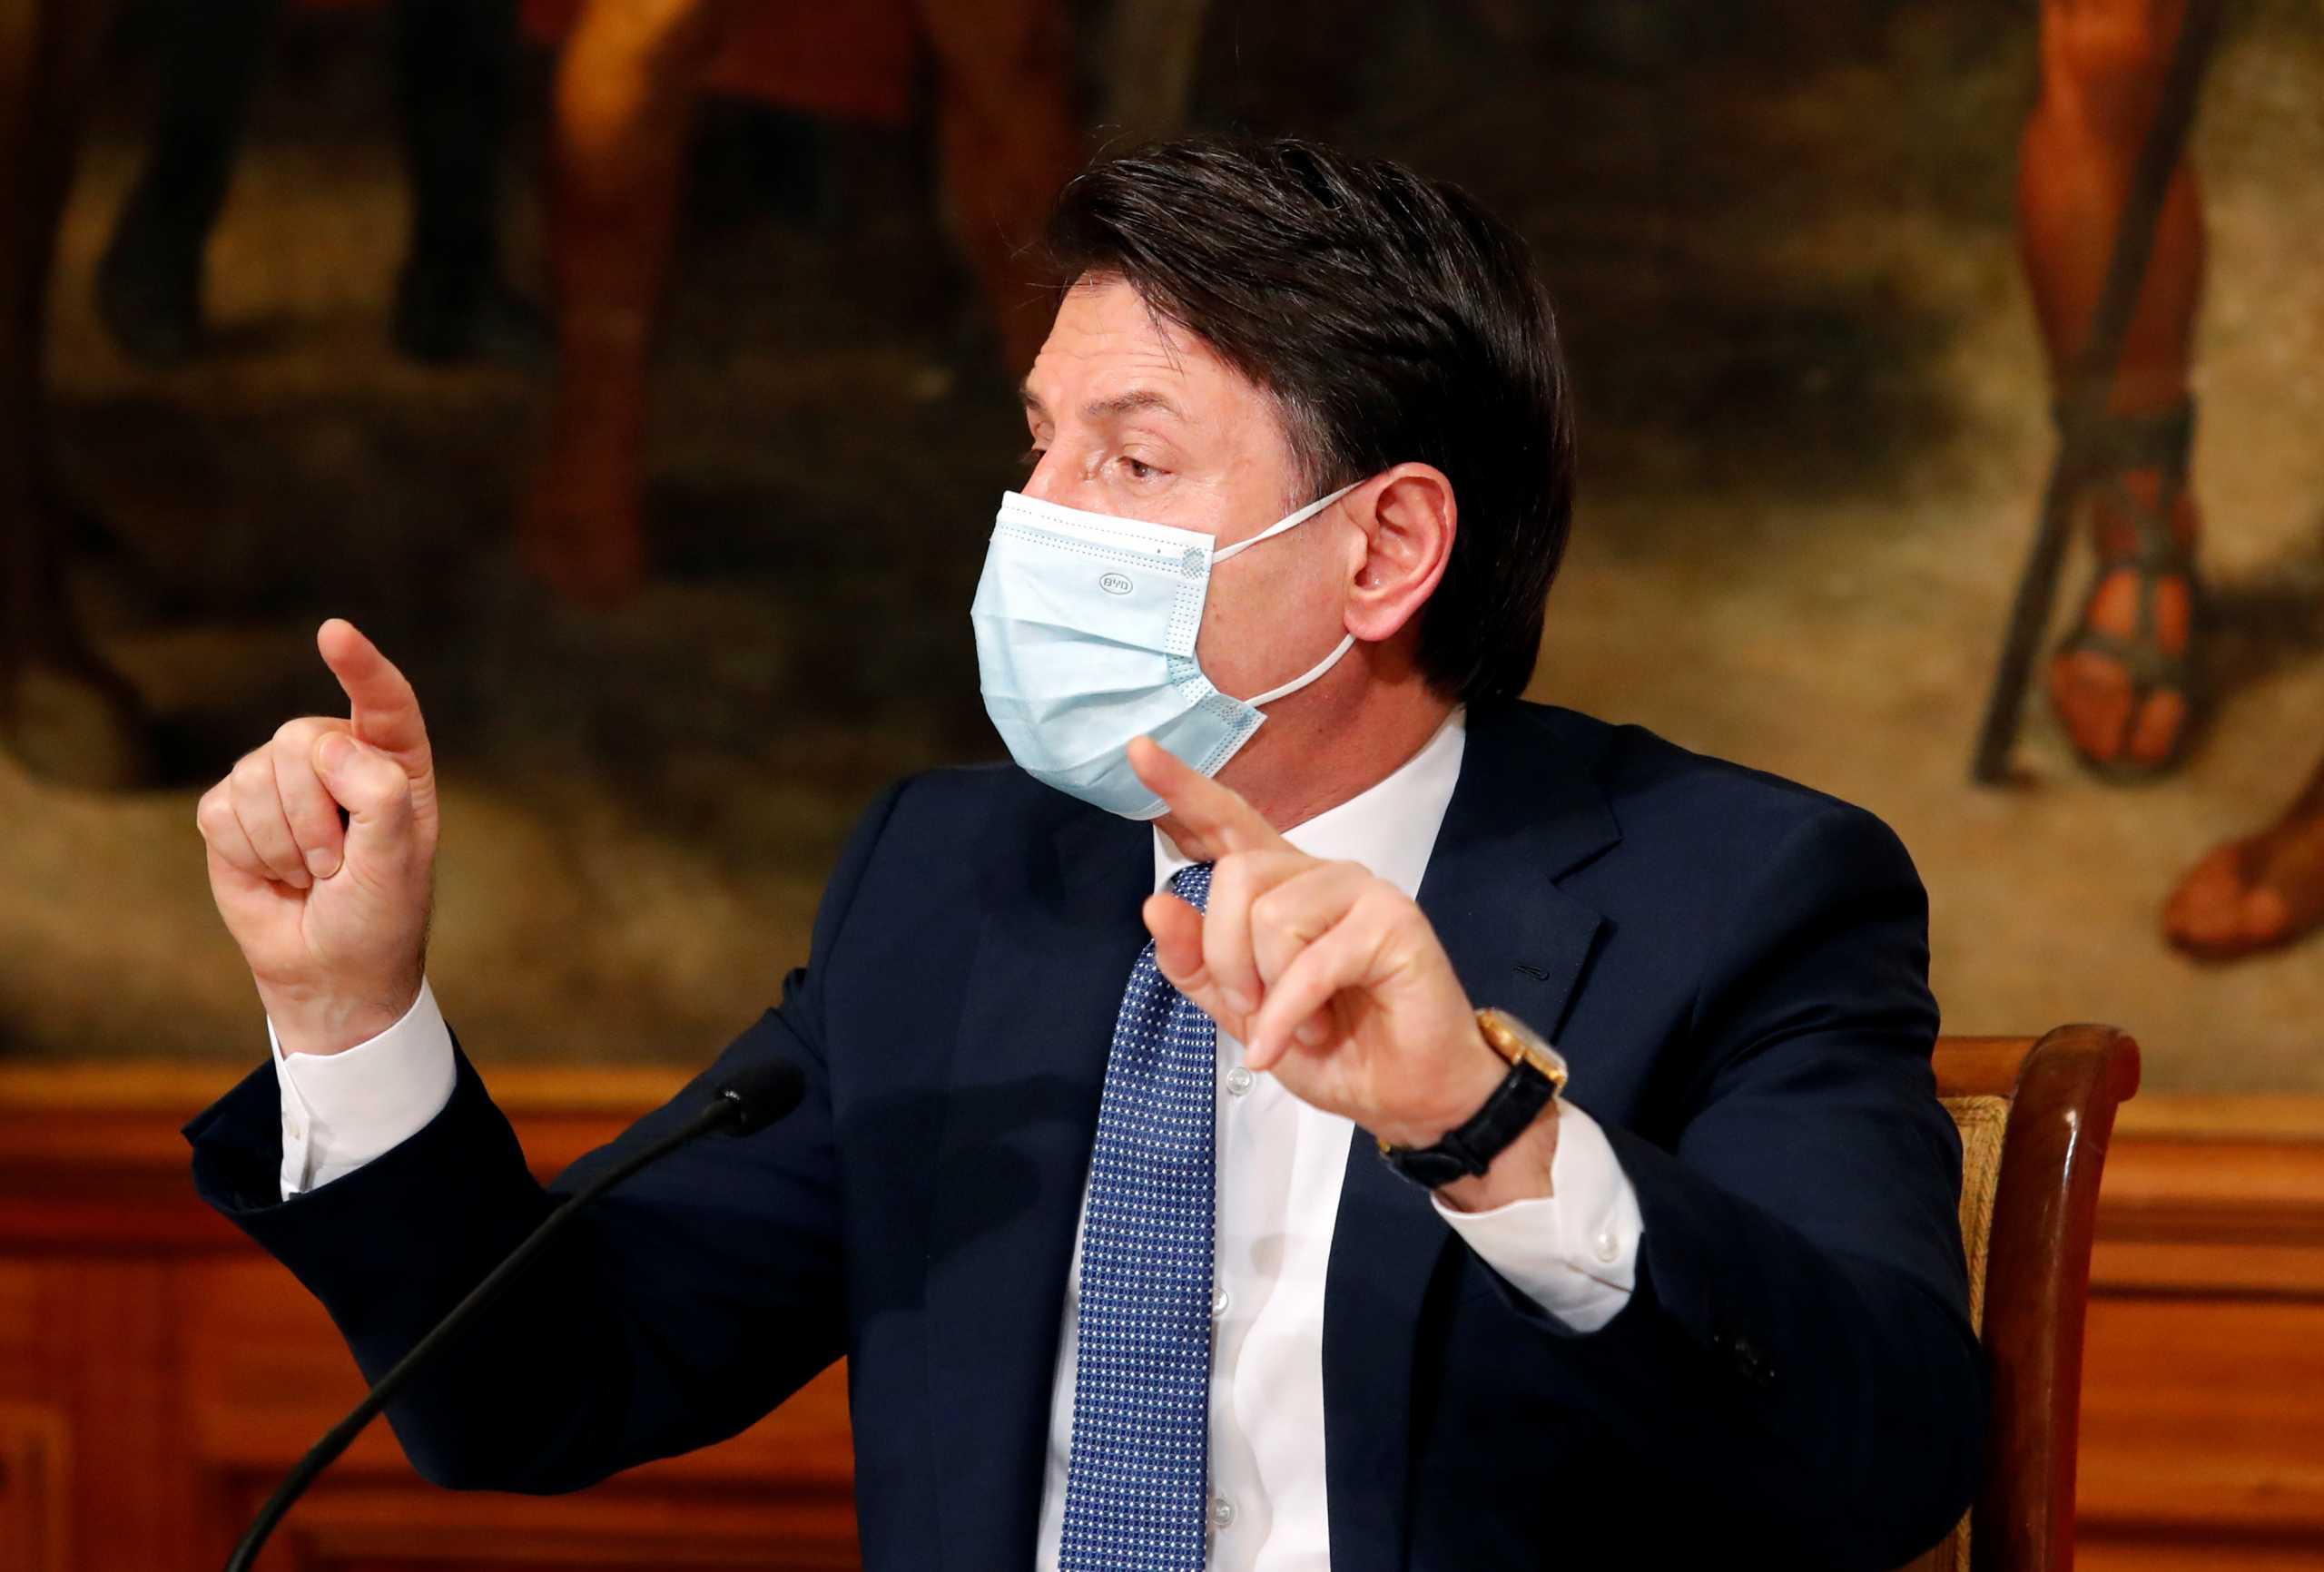 Κόντε: «Ο εμβολιασμός κατά του κορονοϊού δεν θα γίνει υποχρεωτικός»